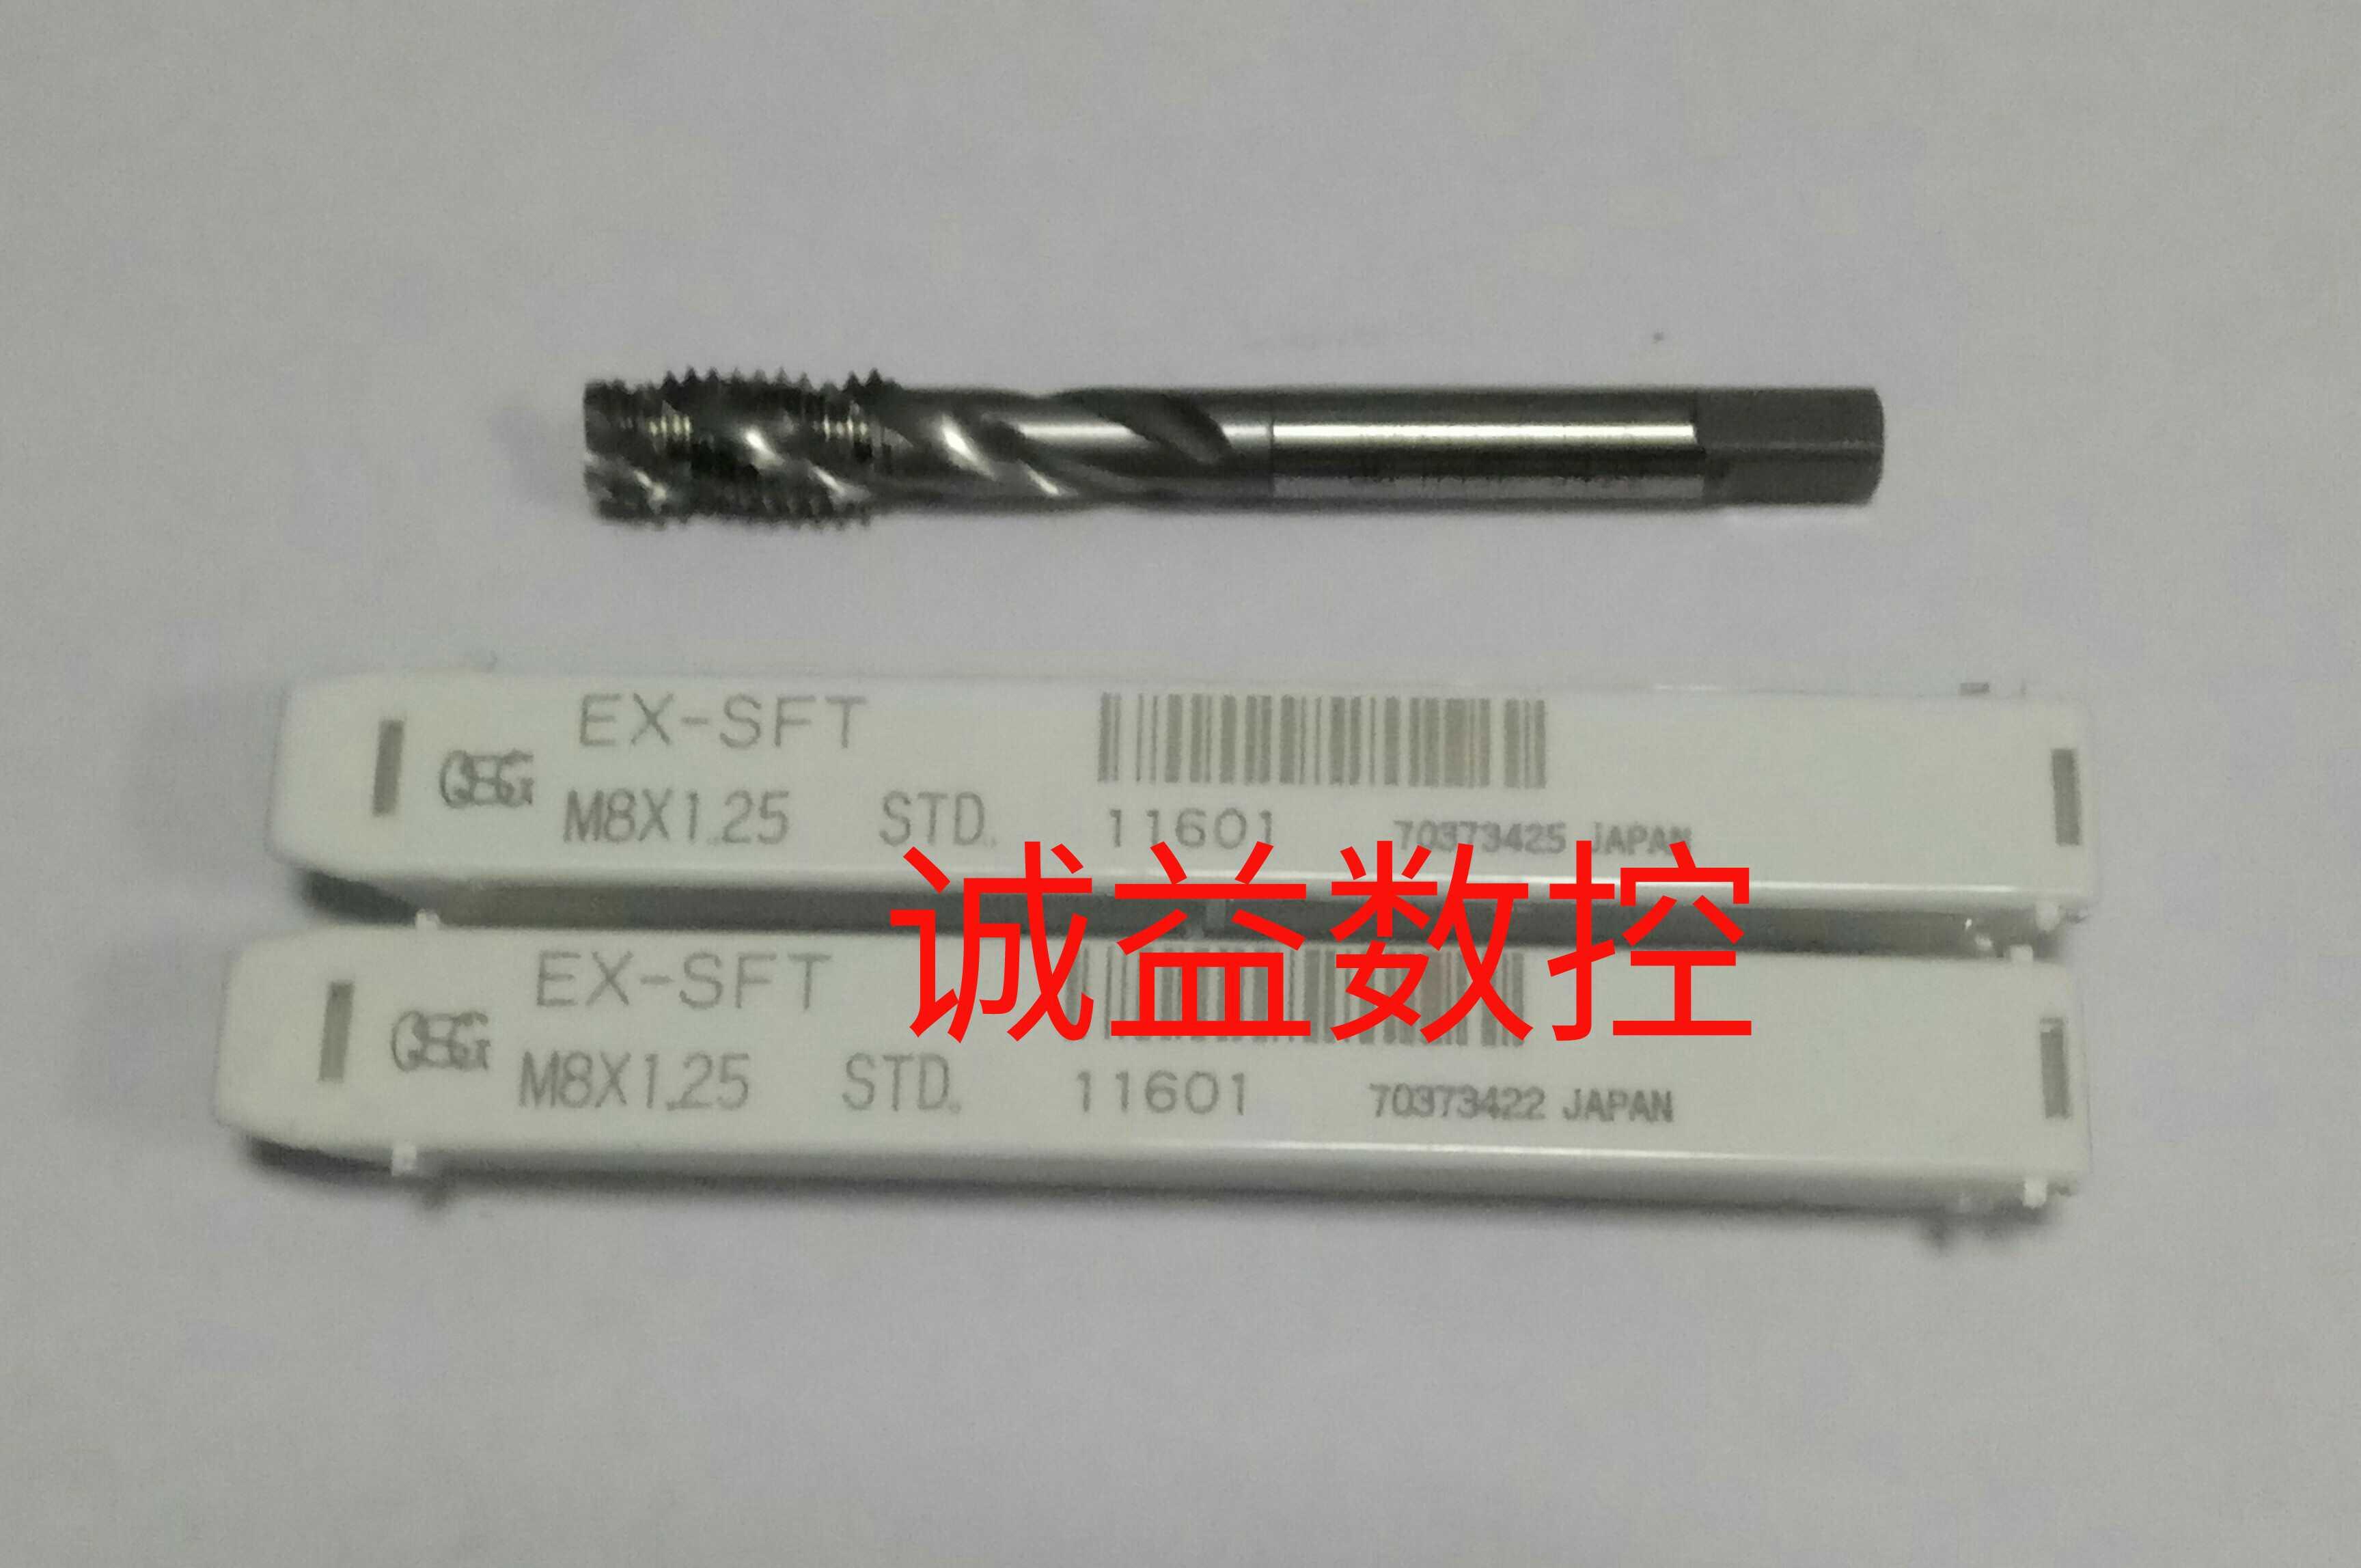 OSGEX-SFT spiral screw M8*1.25